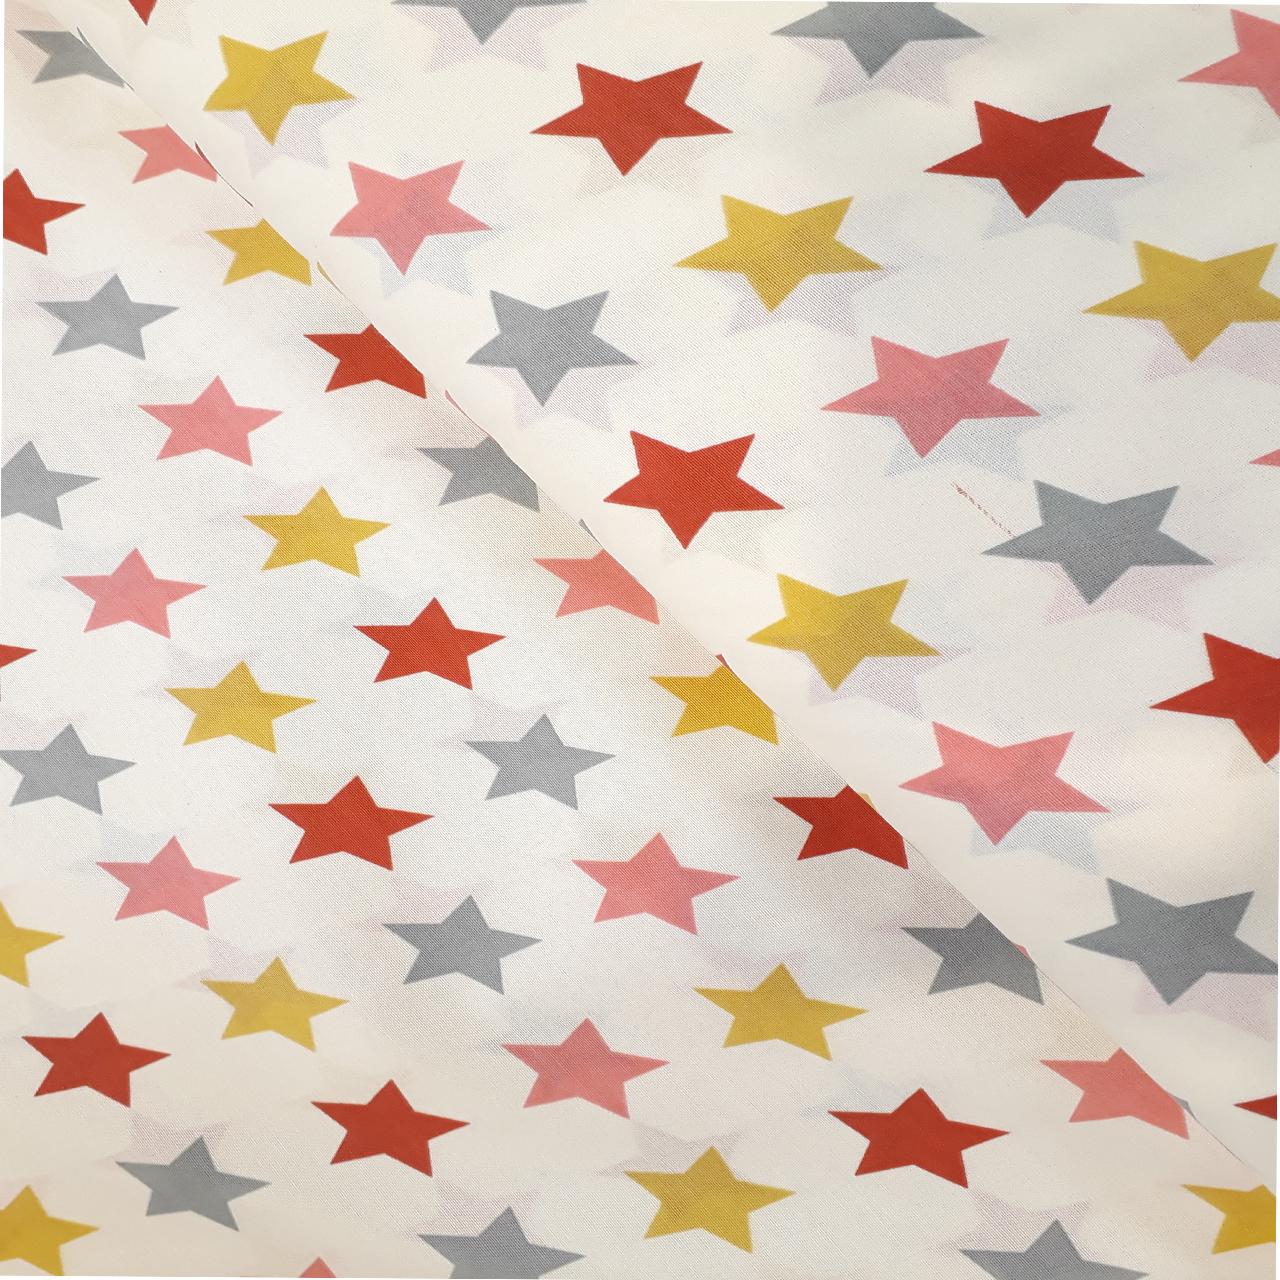 پارچه ملحفه طرح ستاره کد 4 |